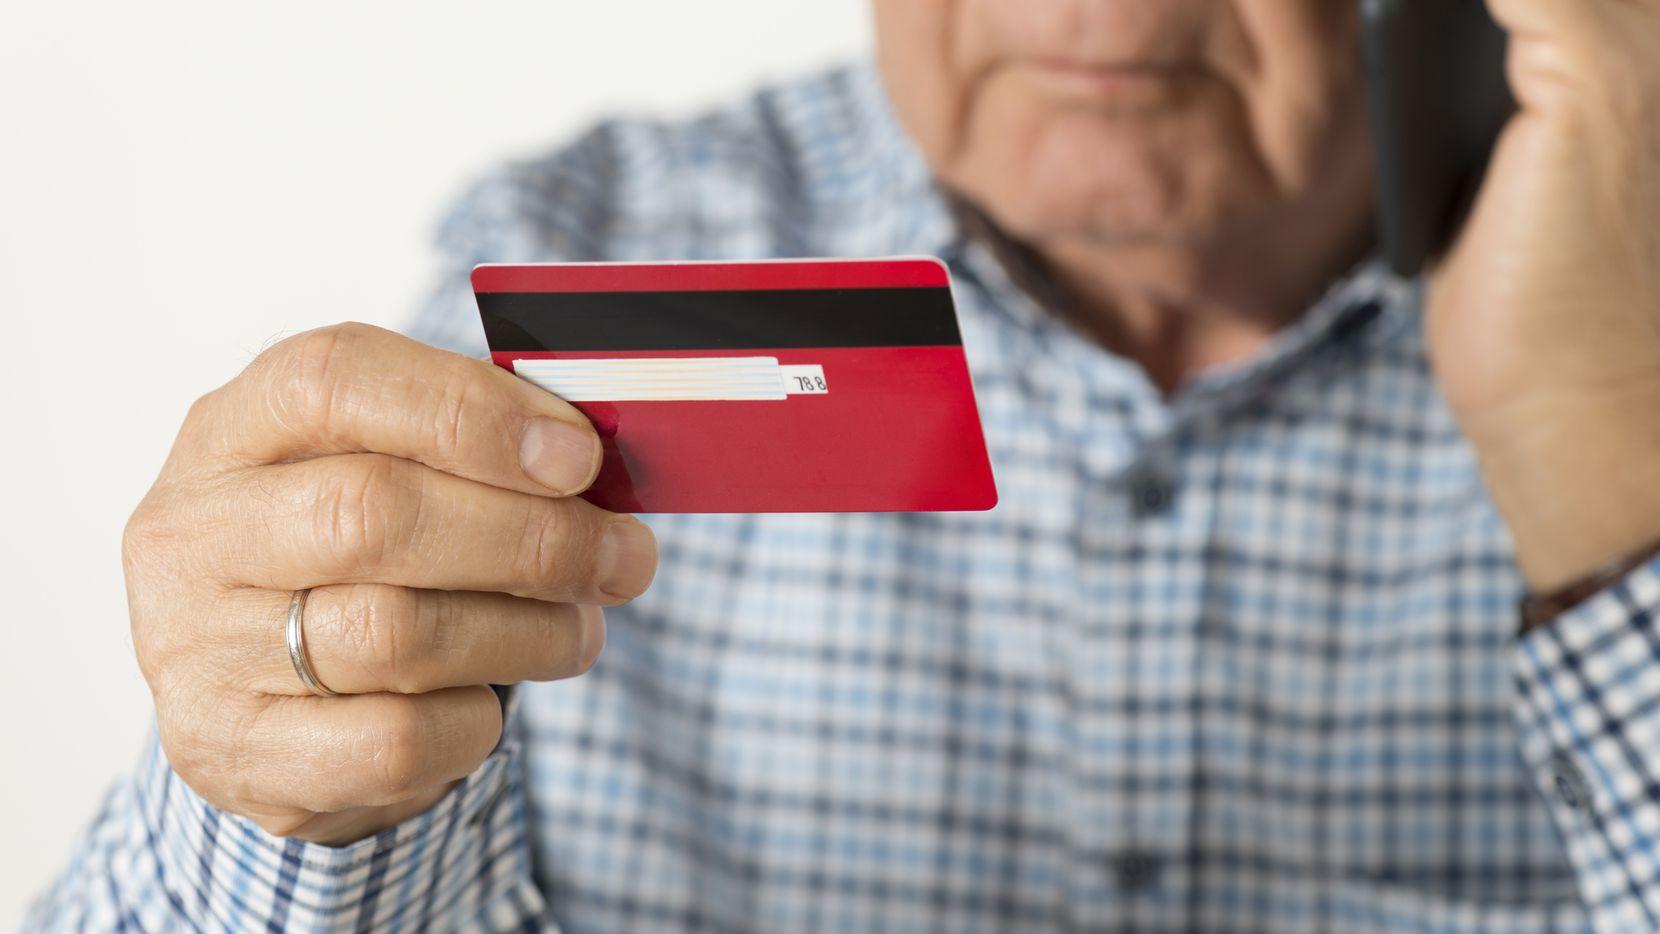 El Departamento de Justicia alertó sobre llamadas de supuestos detectives que buscan obtener datos personales. Los adultos mayores son los más afectados por estas estafas.